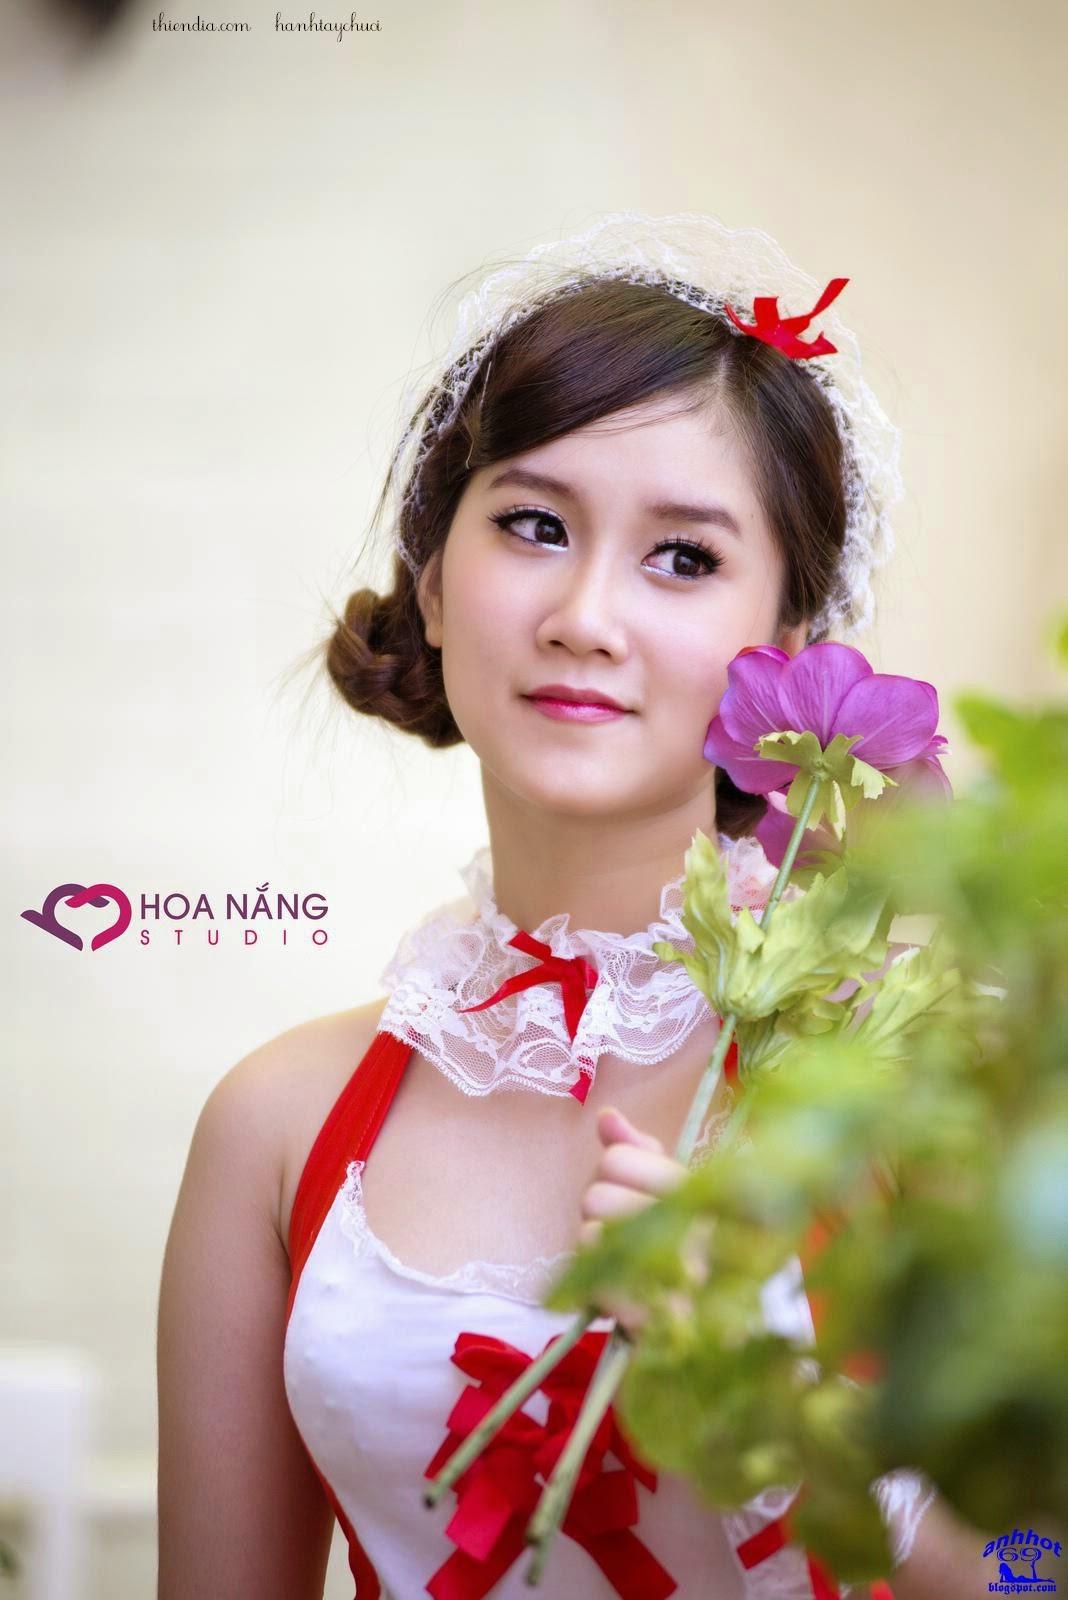 hau_ban_cute_8884892031_56870becf5